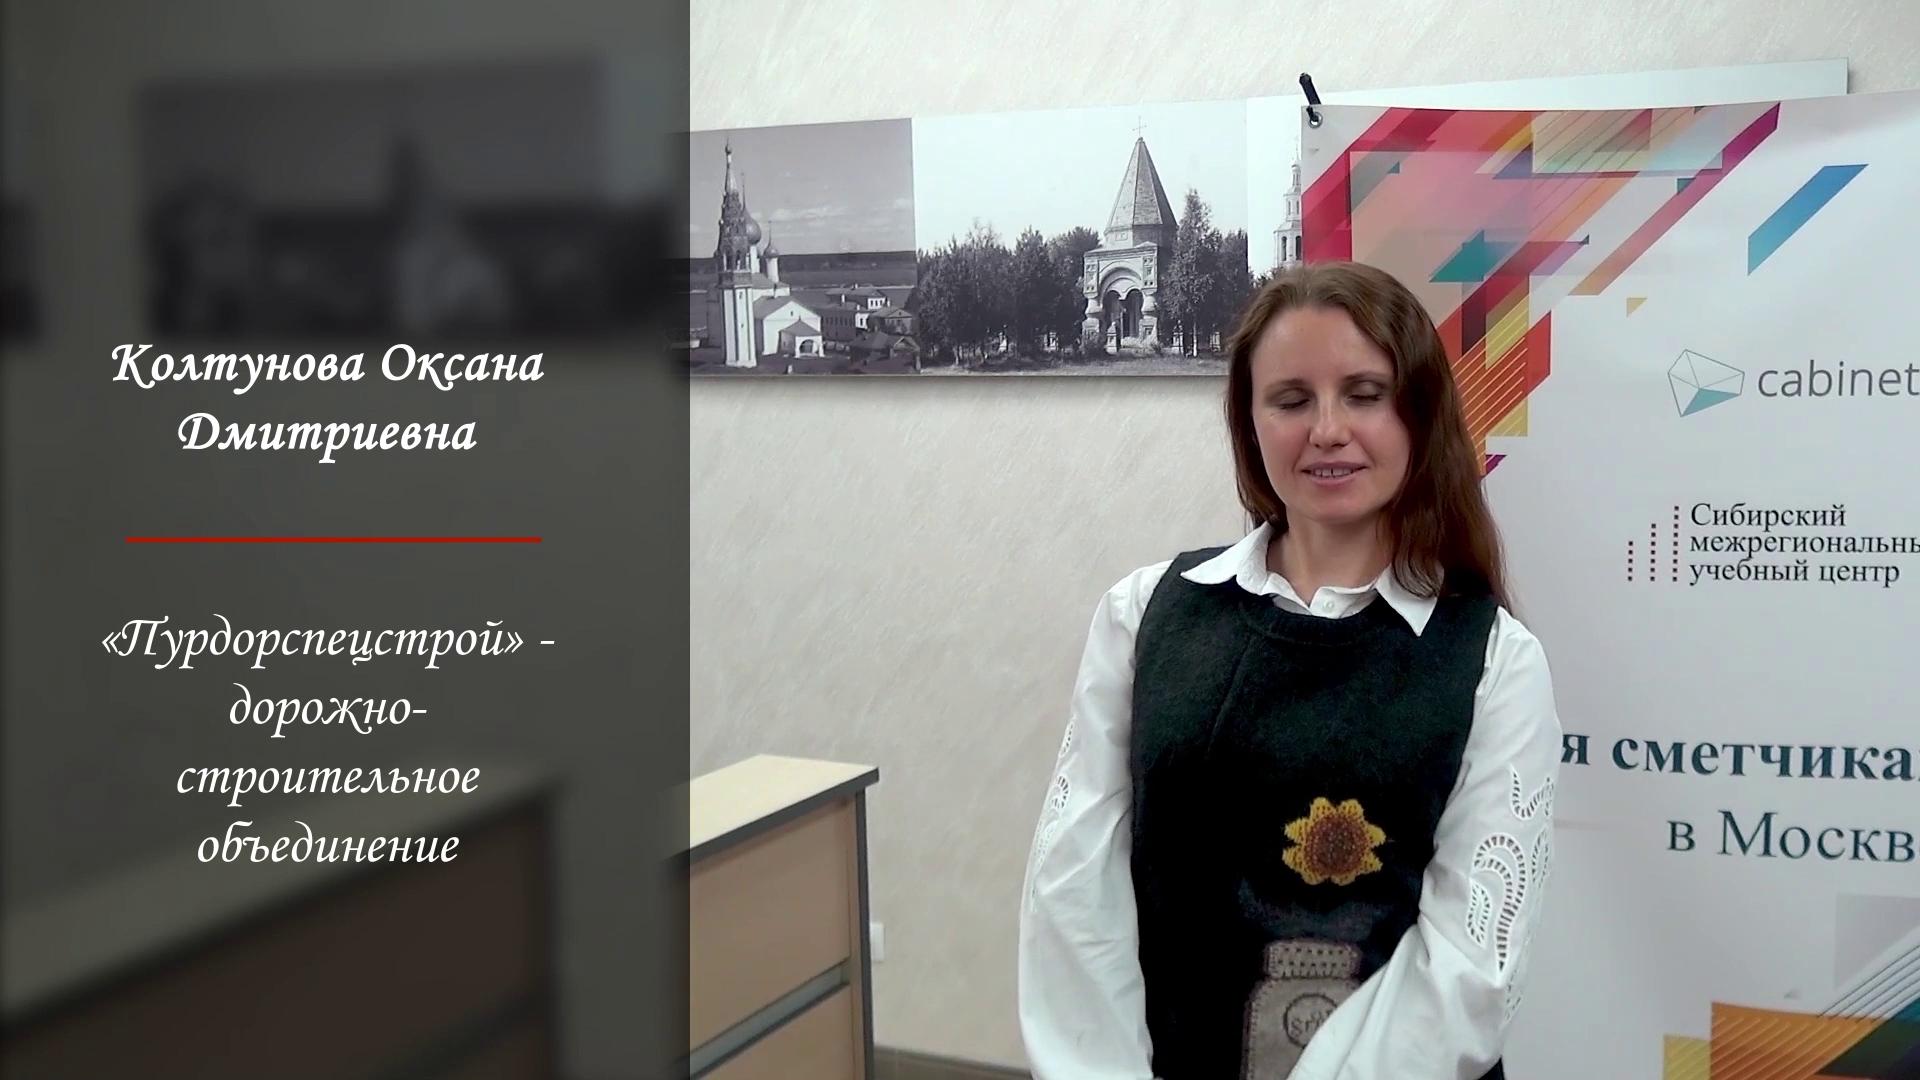 Отзыв участника Недели сметчика в Москве